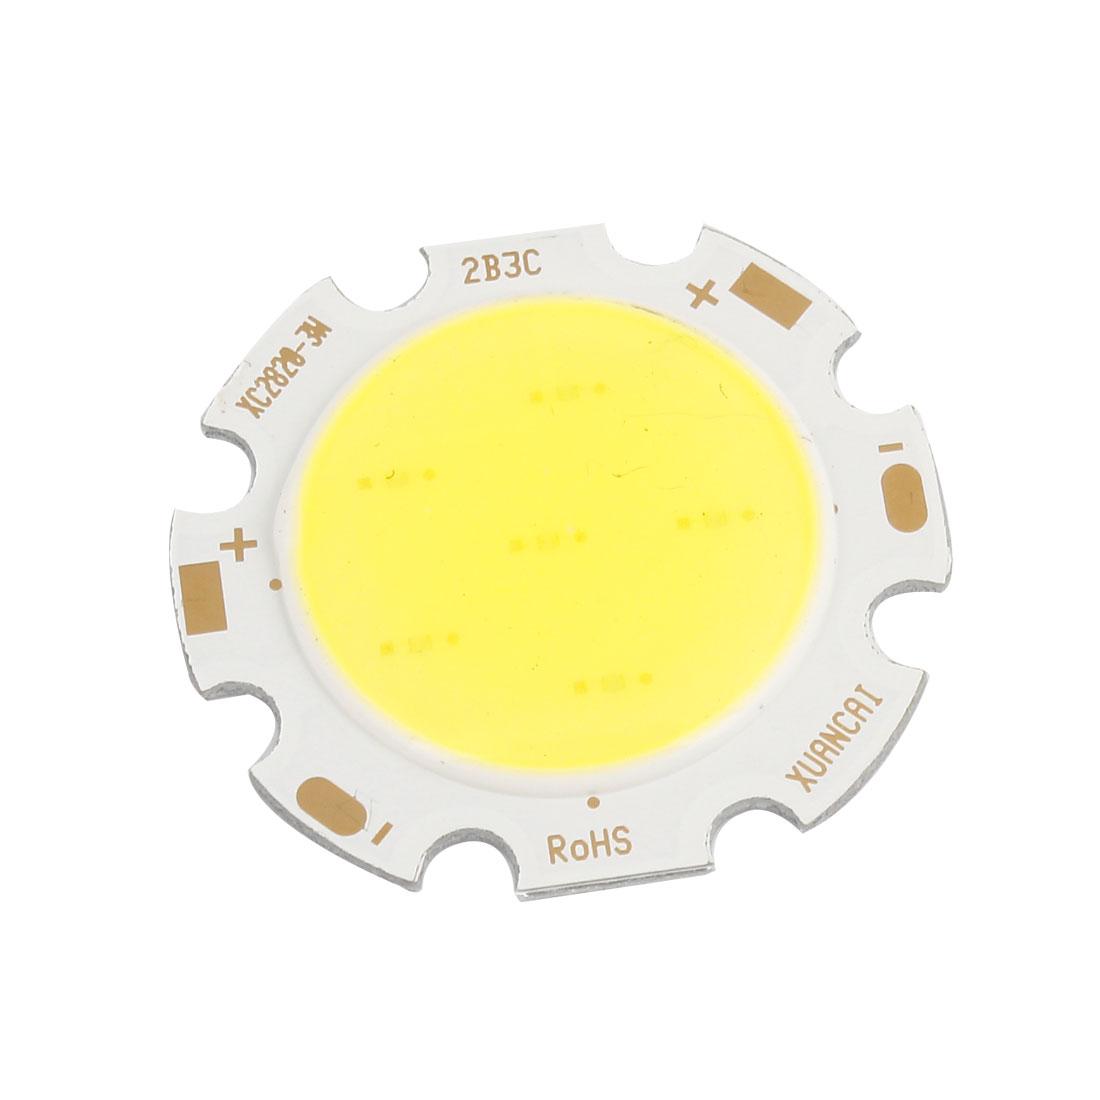 9-10V 3W Pure White Light High Power SMD COB LED Lamp Chip Bulb Emitter